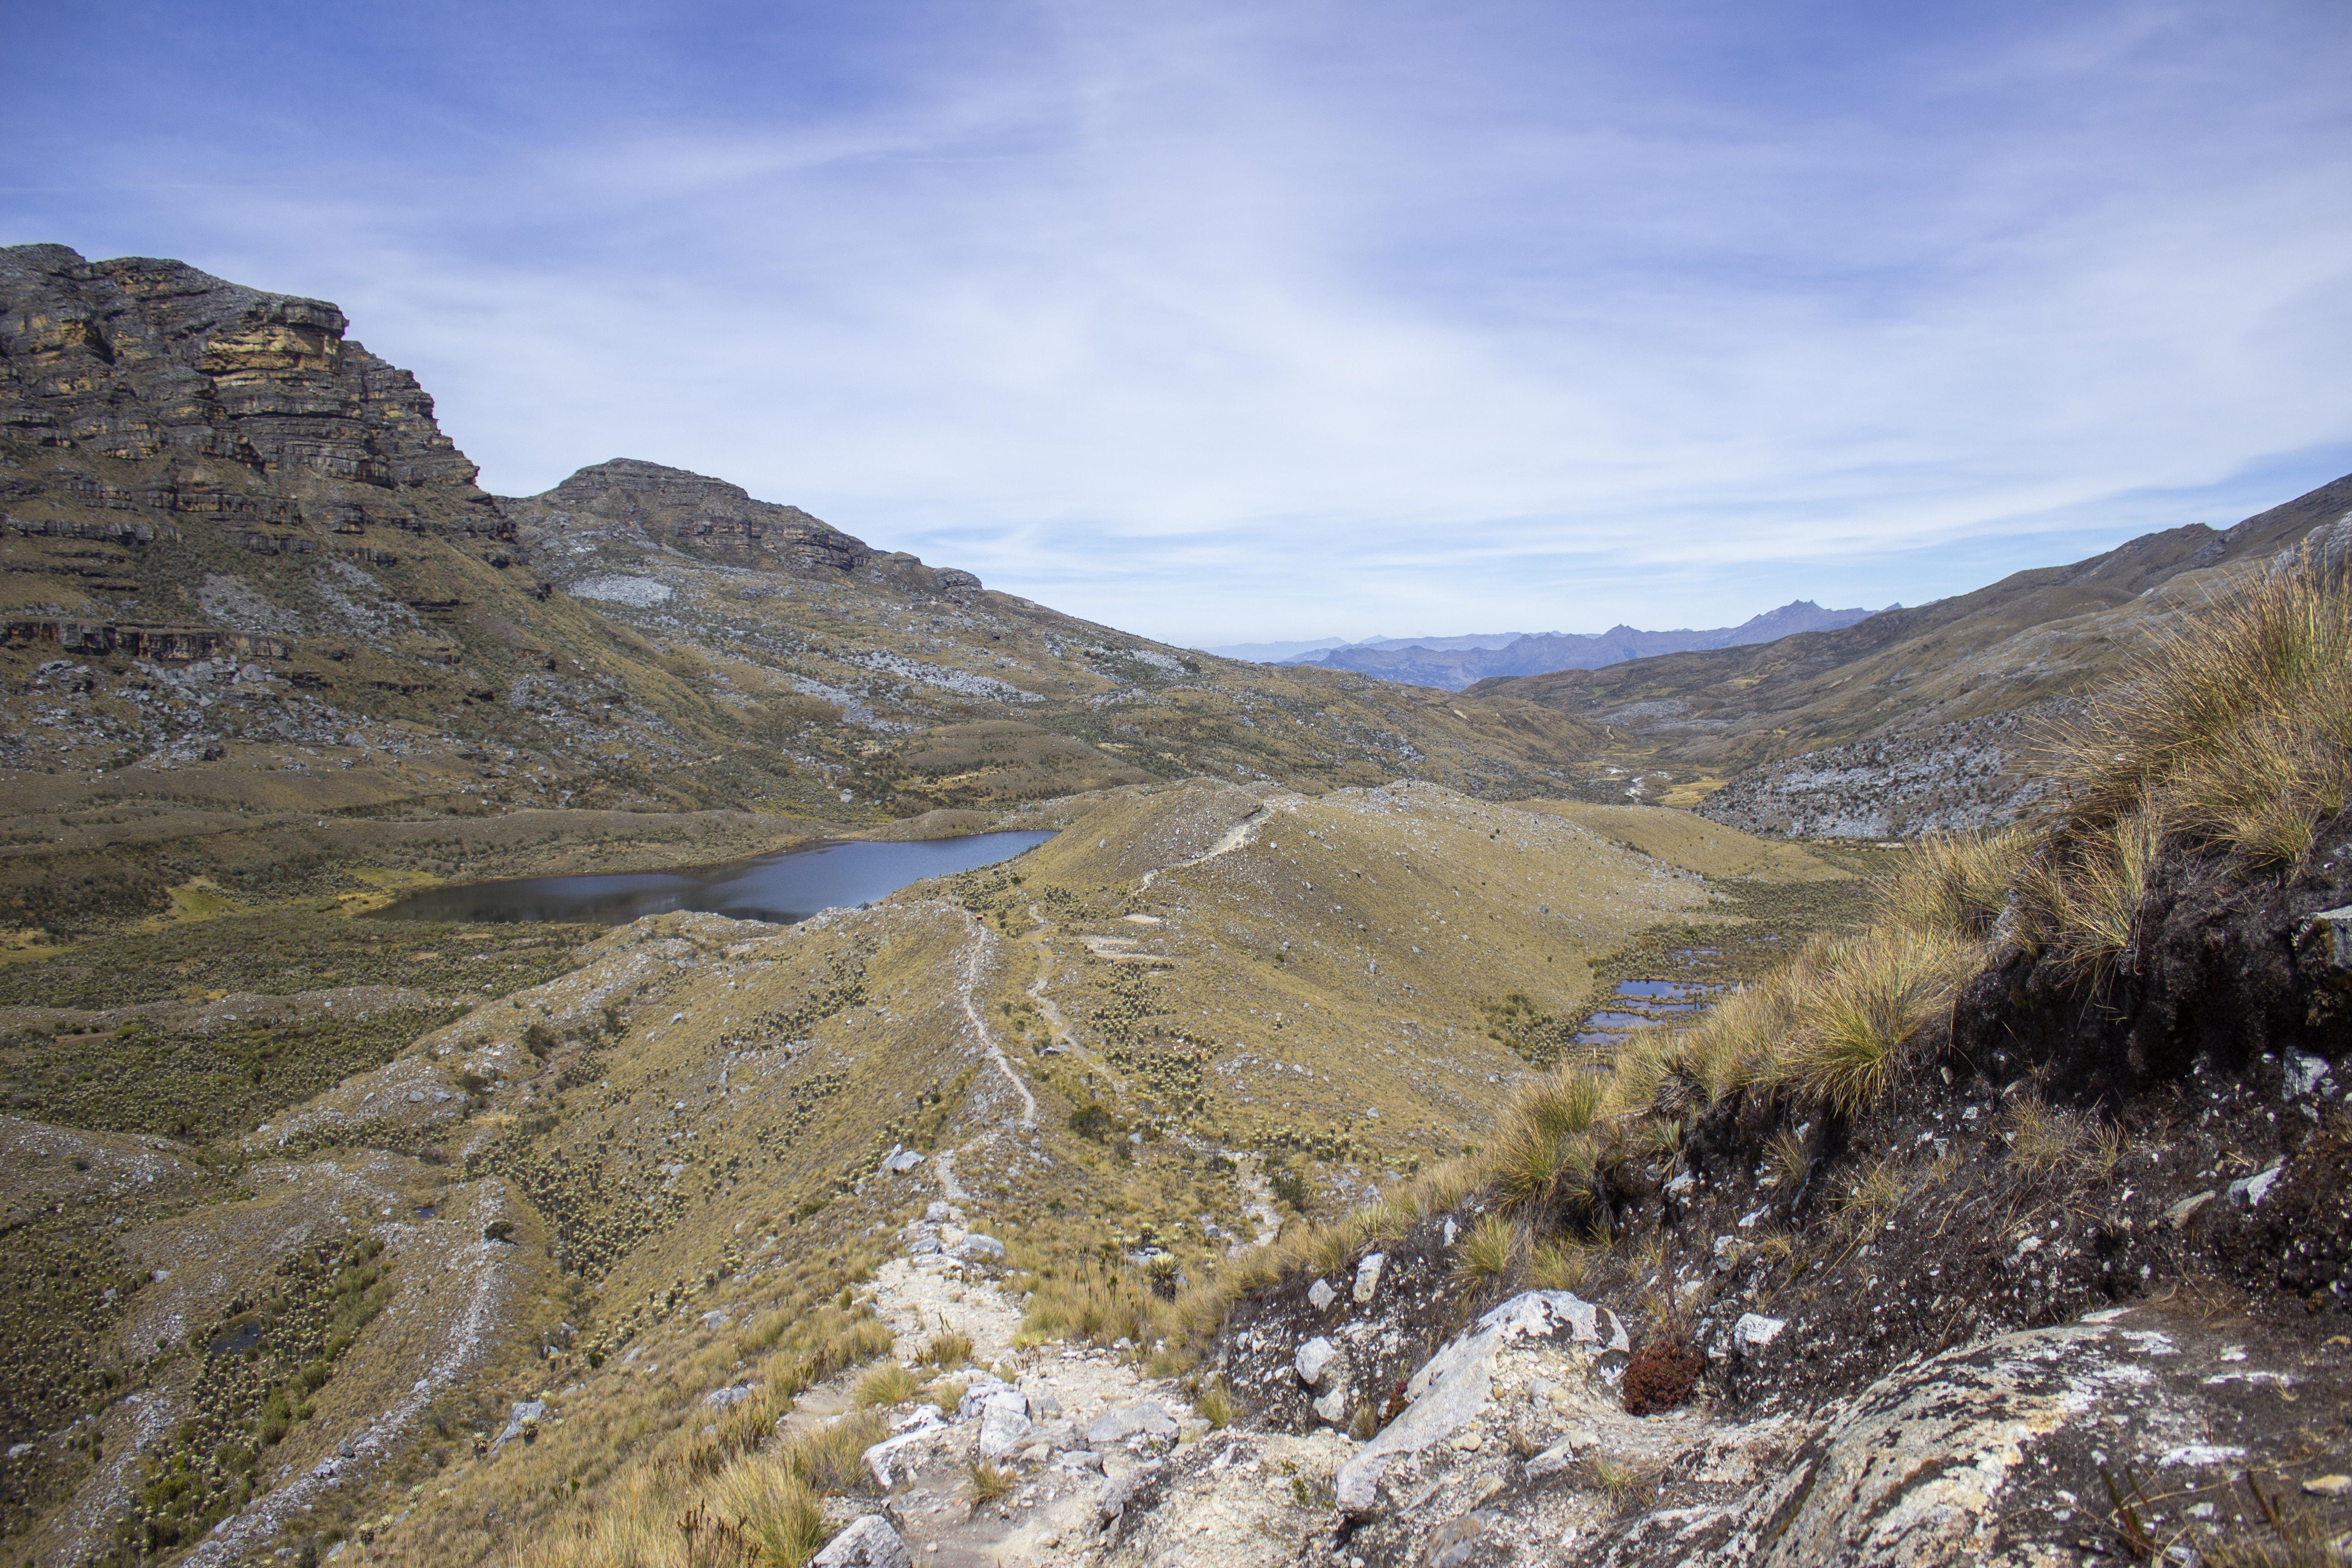 Serranía del Cocuy